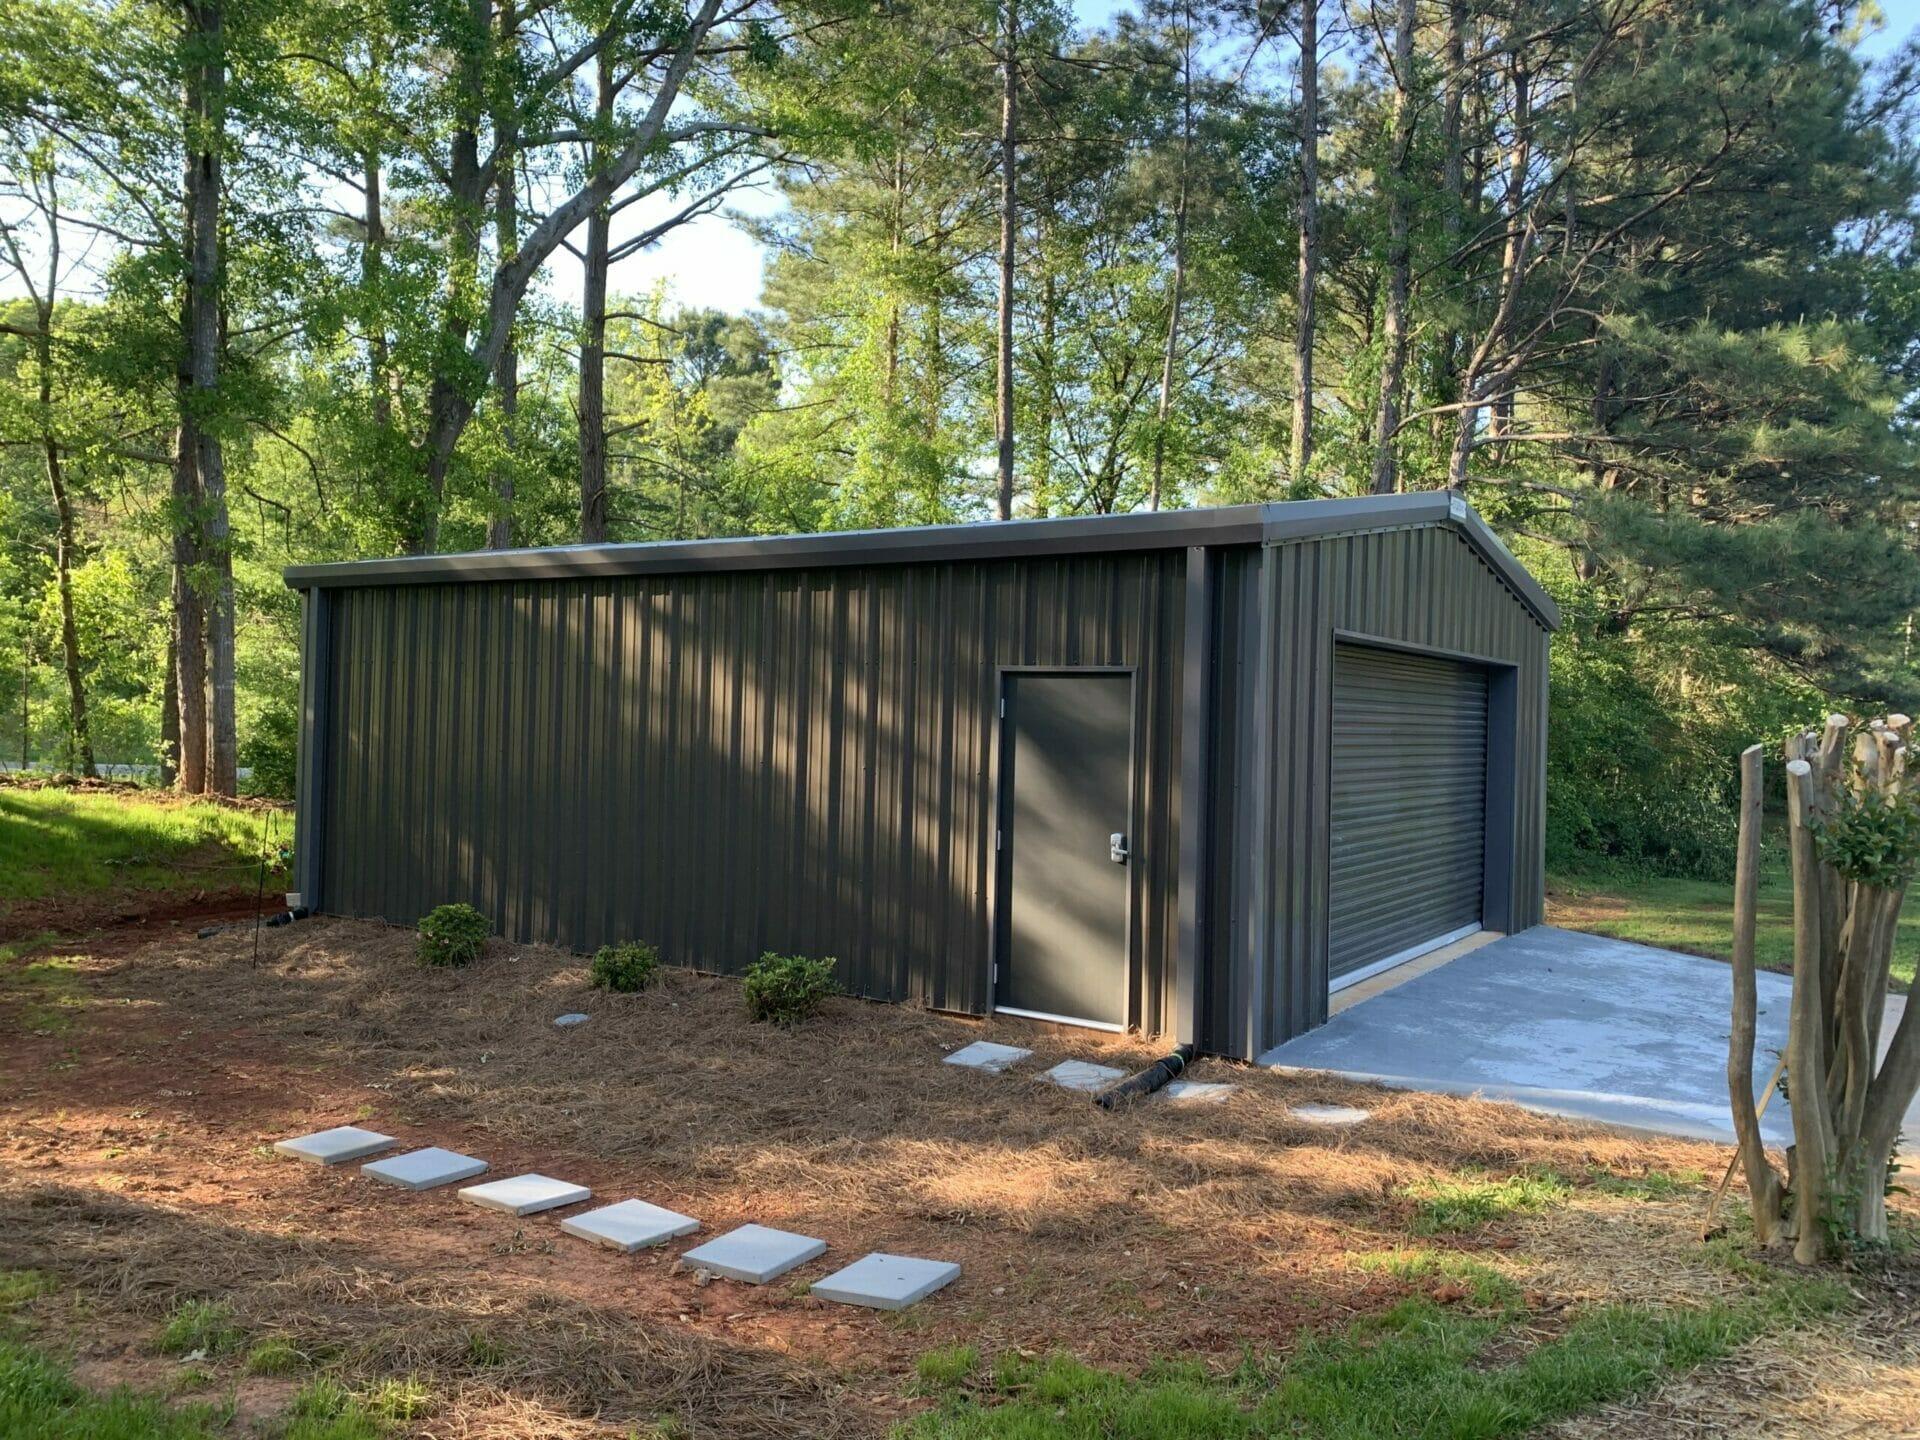 Pre-Engineered Metal Garage Building With Roll Up Garage Door And Side Entry Doors